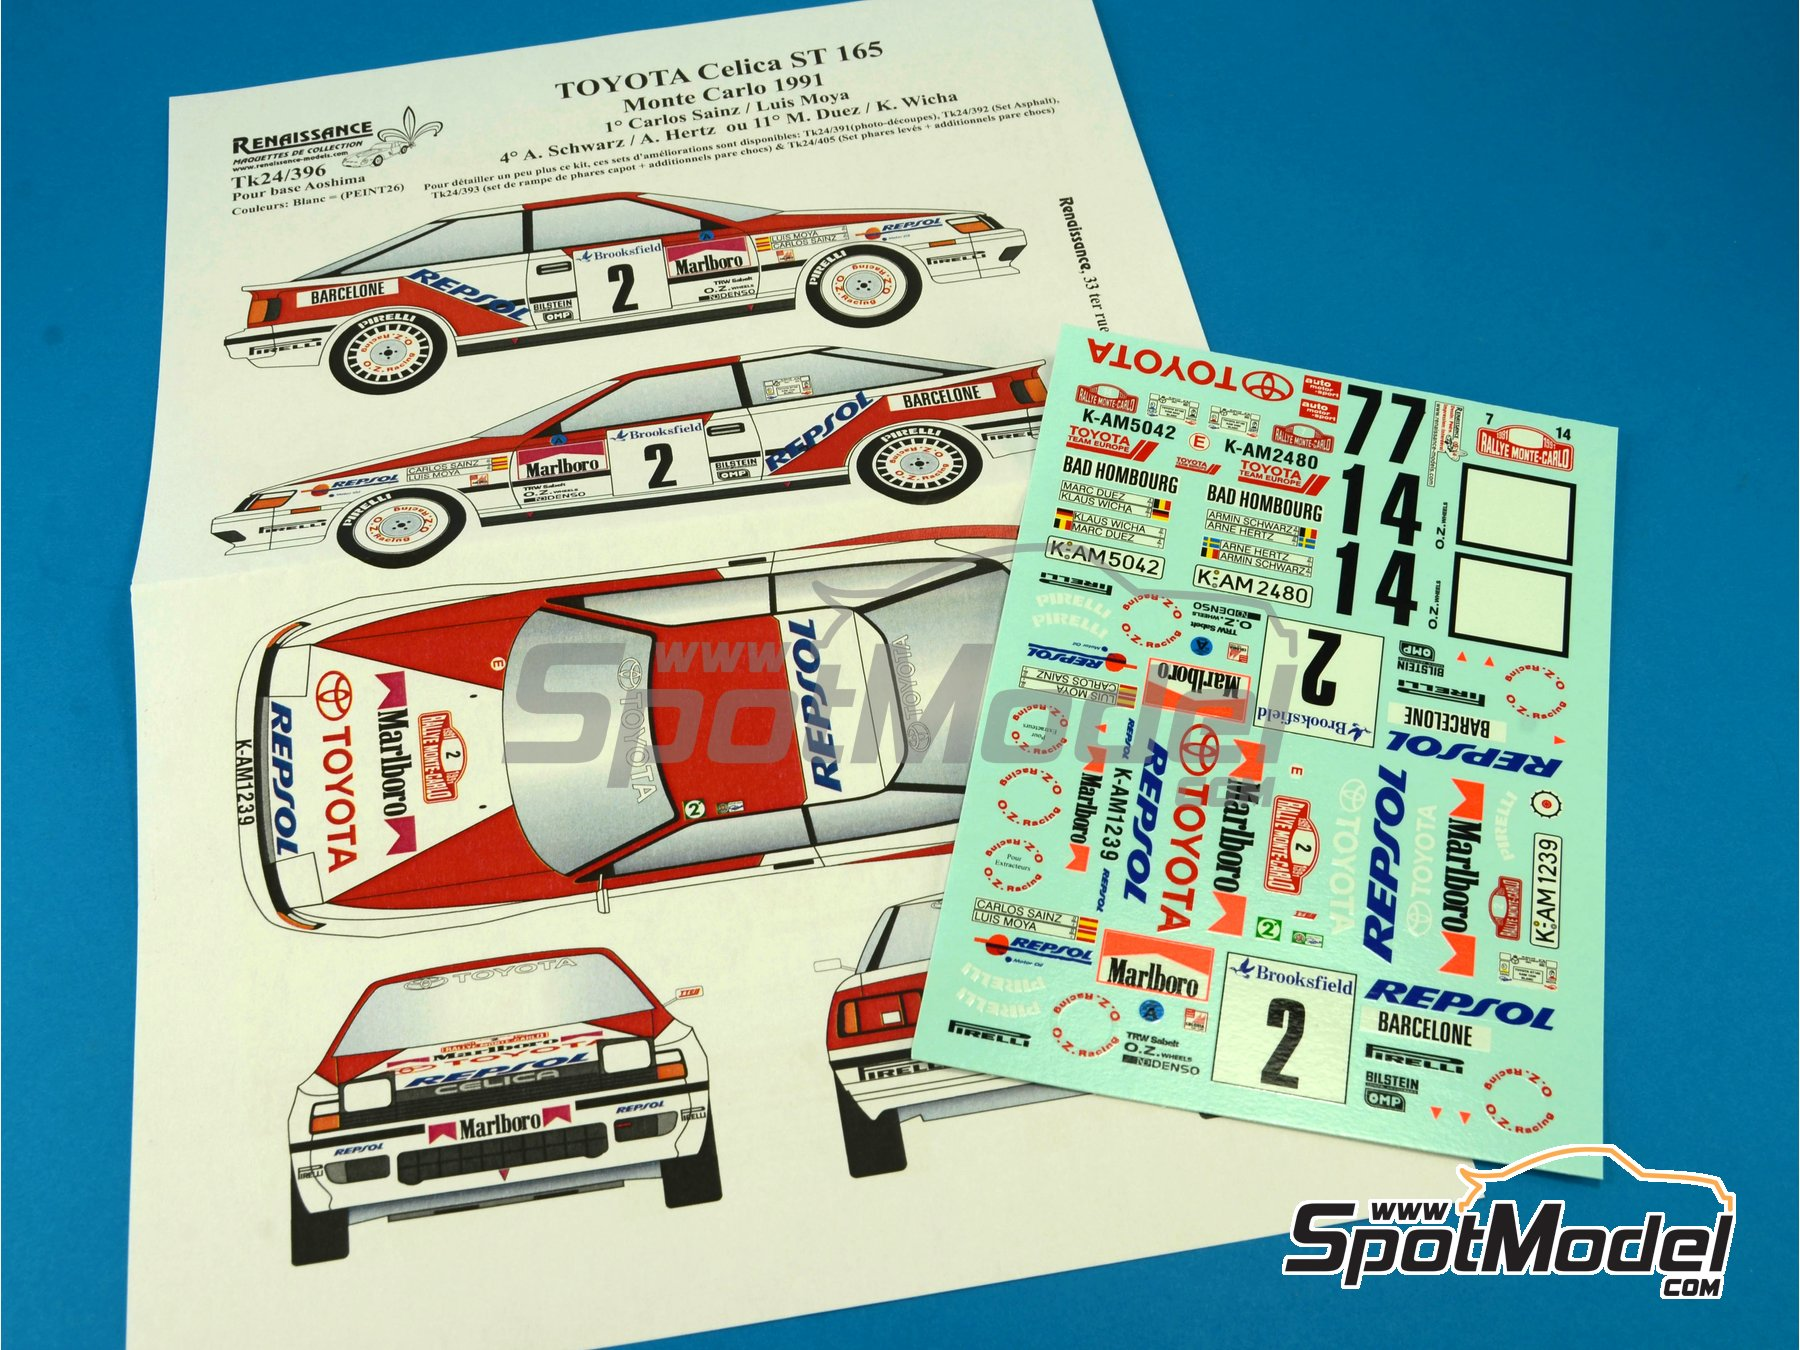 Image 6: Toyota Celica GT Four ST165 Group A Marlboro - Rally de Montecarlo - Rallye Automobile de Monte-Carlo 1991 | Calcas de agua en escala1/24 fabricado por Renaissance Models (ref.TK24-396)